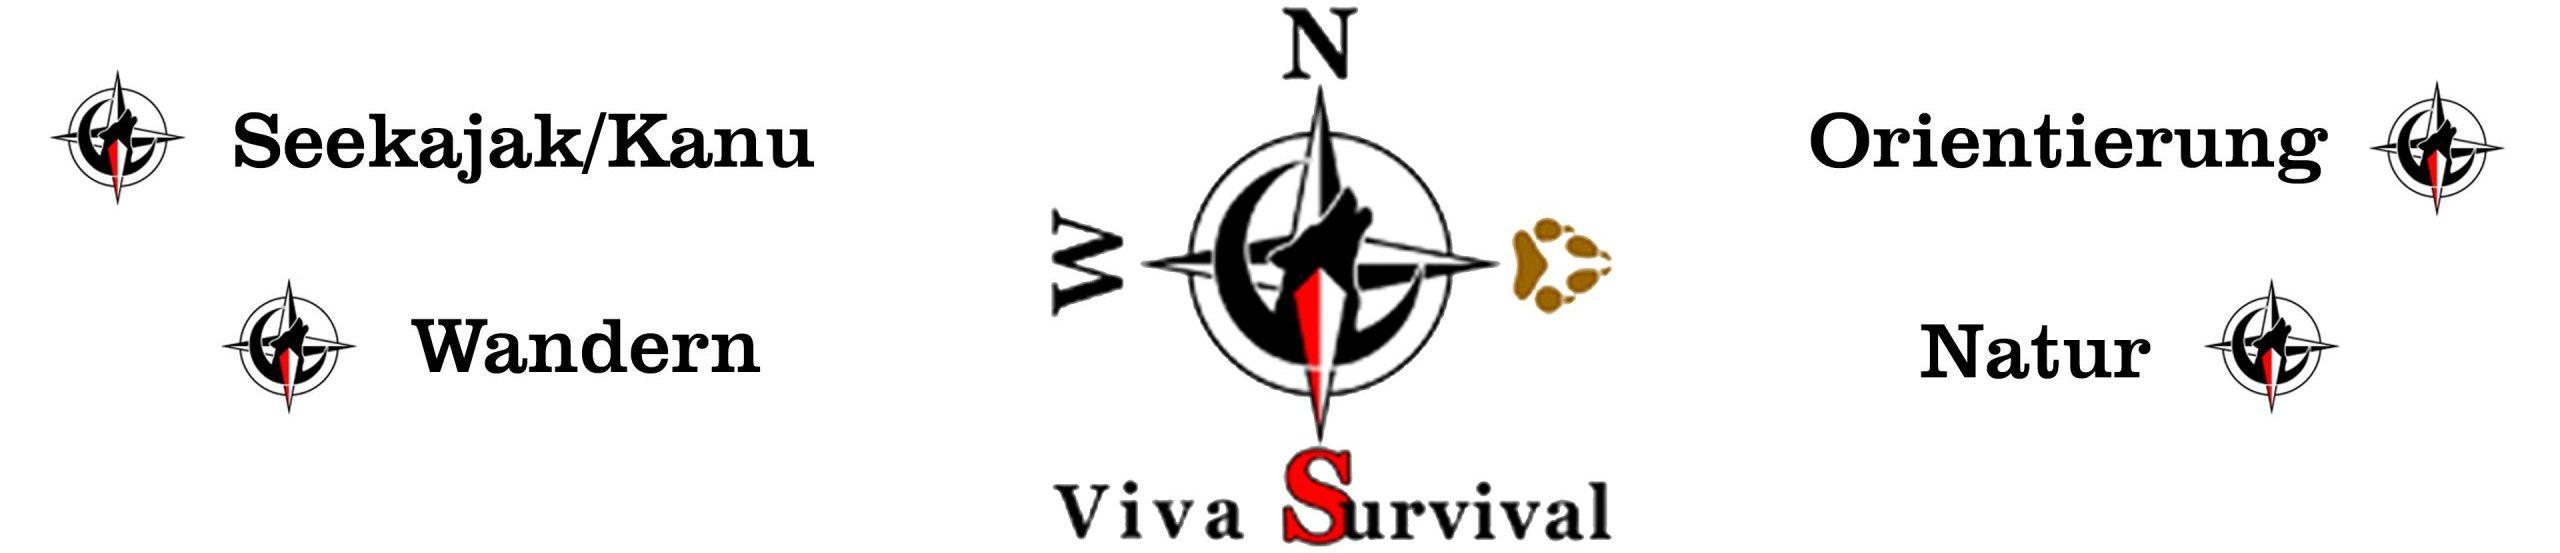 Viva Survival